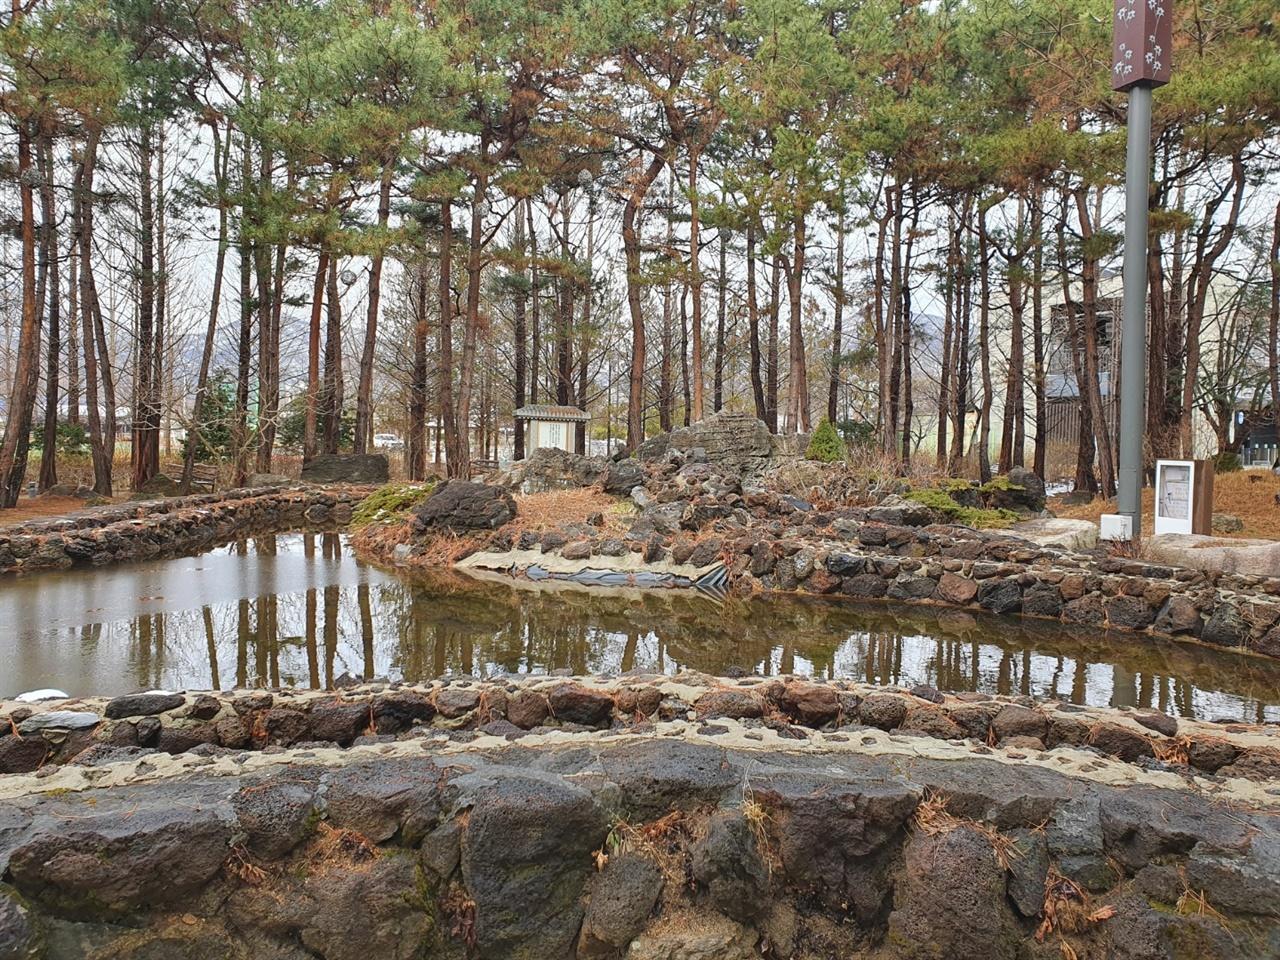 한반도 모양의 연못을 조성한 국사원 한반도 모양의 연못에 백수련을 심고 소나무와 무궁화를 둘러 심은 국사원이다. 정원 곳곳에는 돌로 만든 조각품도 다수 있어서 꽤나 많은 시간을 머무는 장소다.